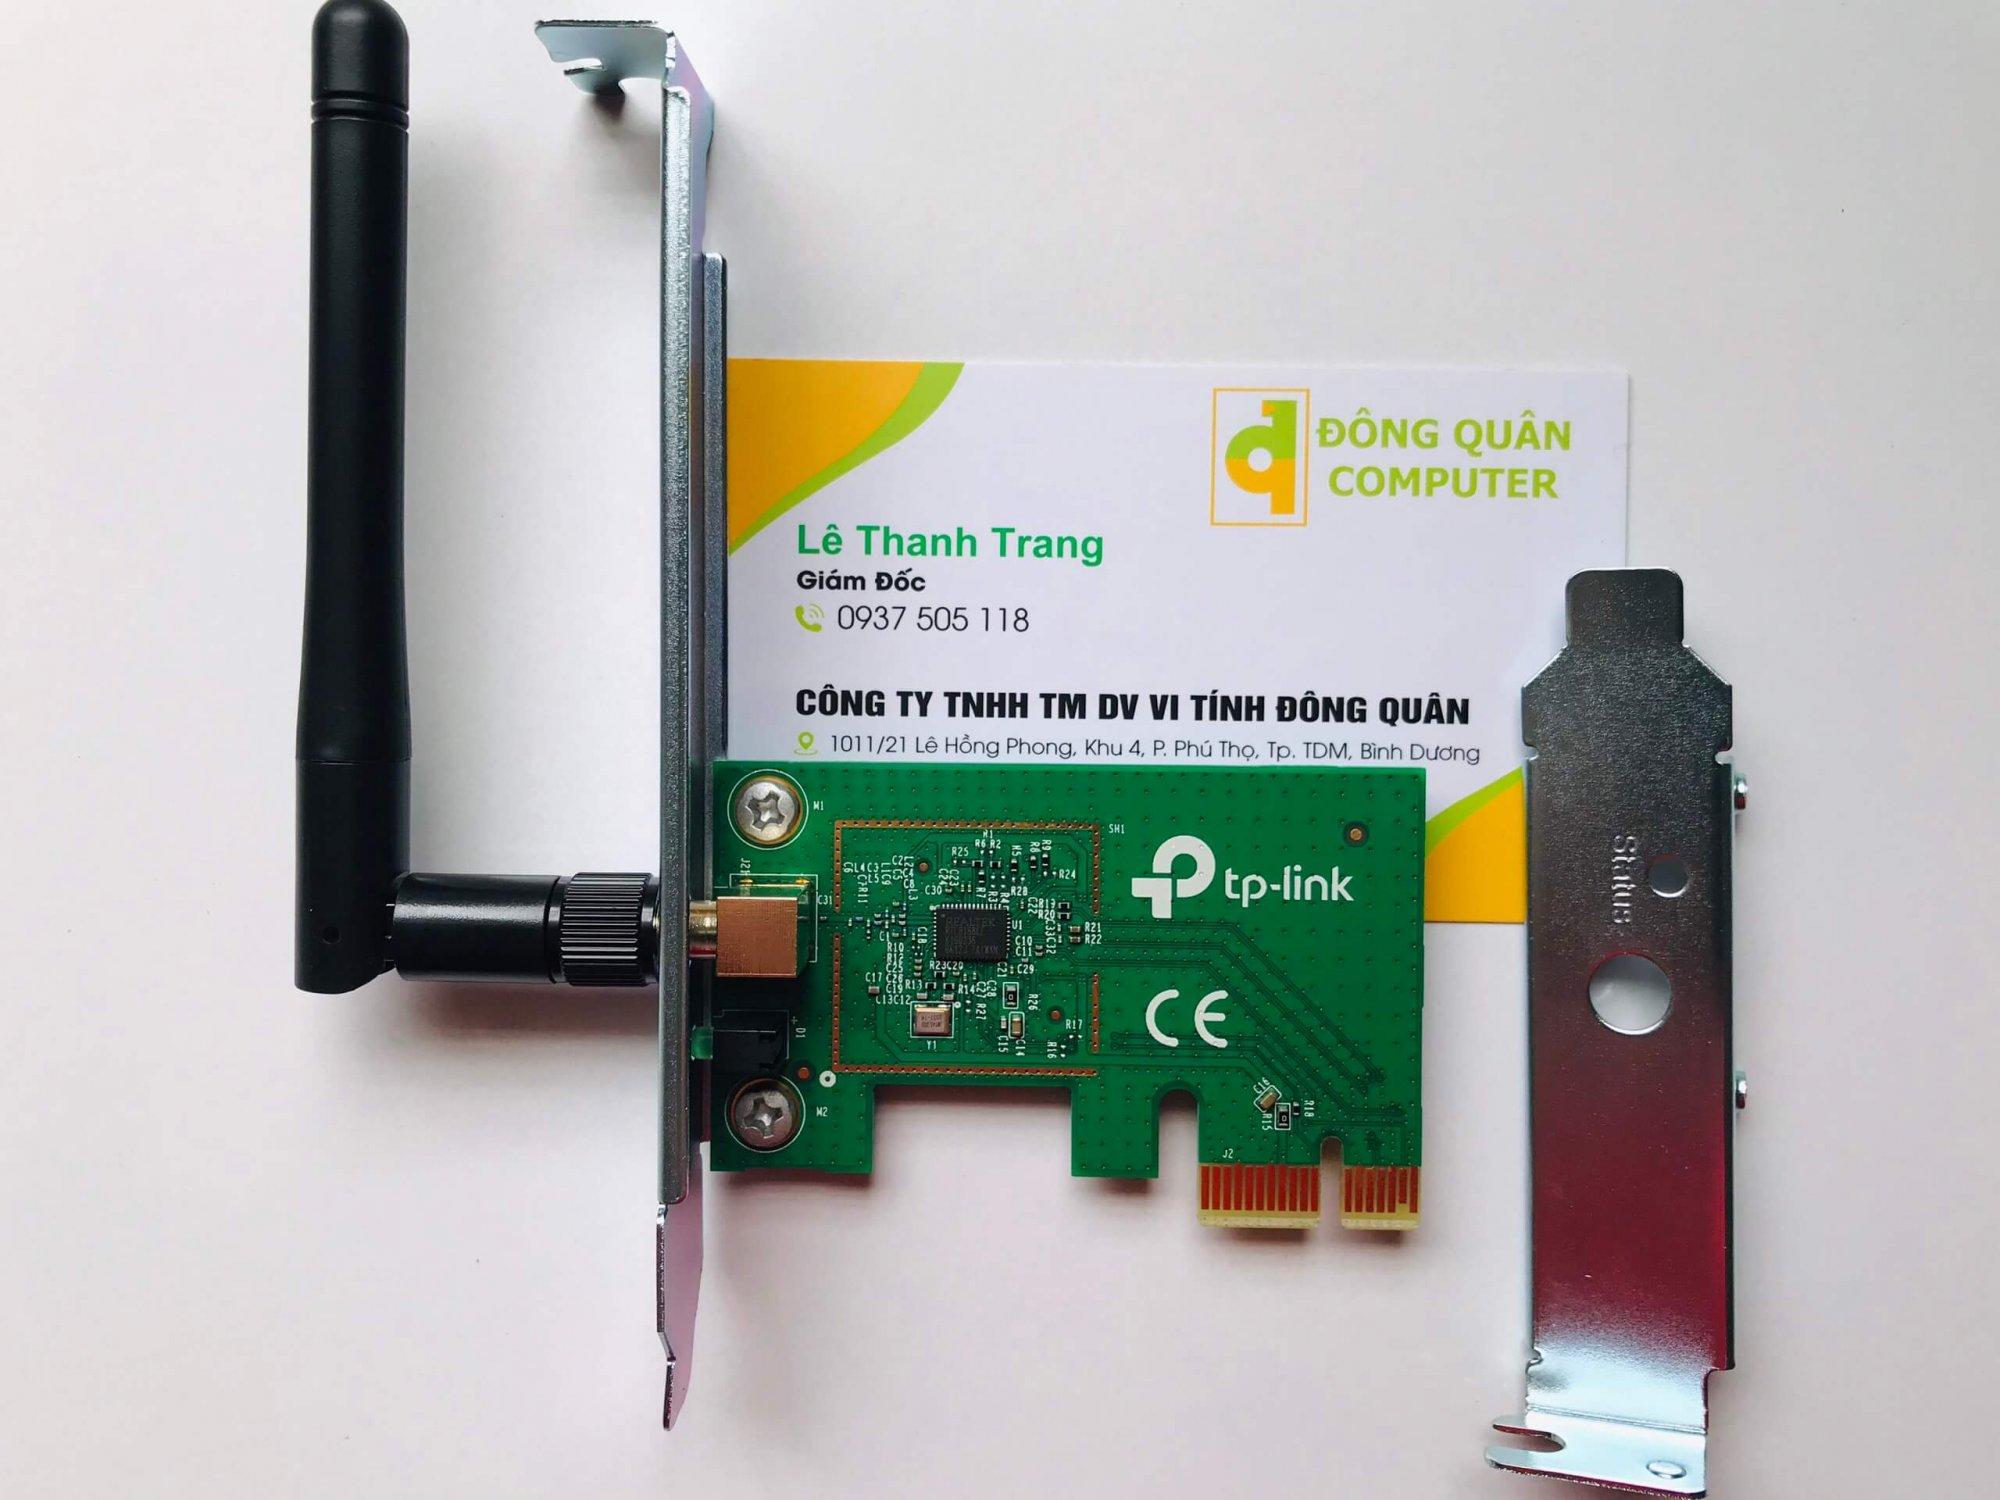 Thiết bị mạng / Card mạng không dây PCI Express TP-Link TL-WN781ND Wireless N150Mbps